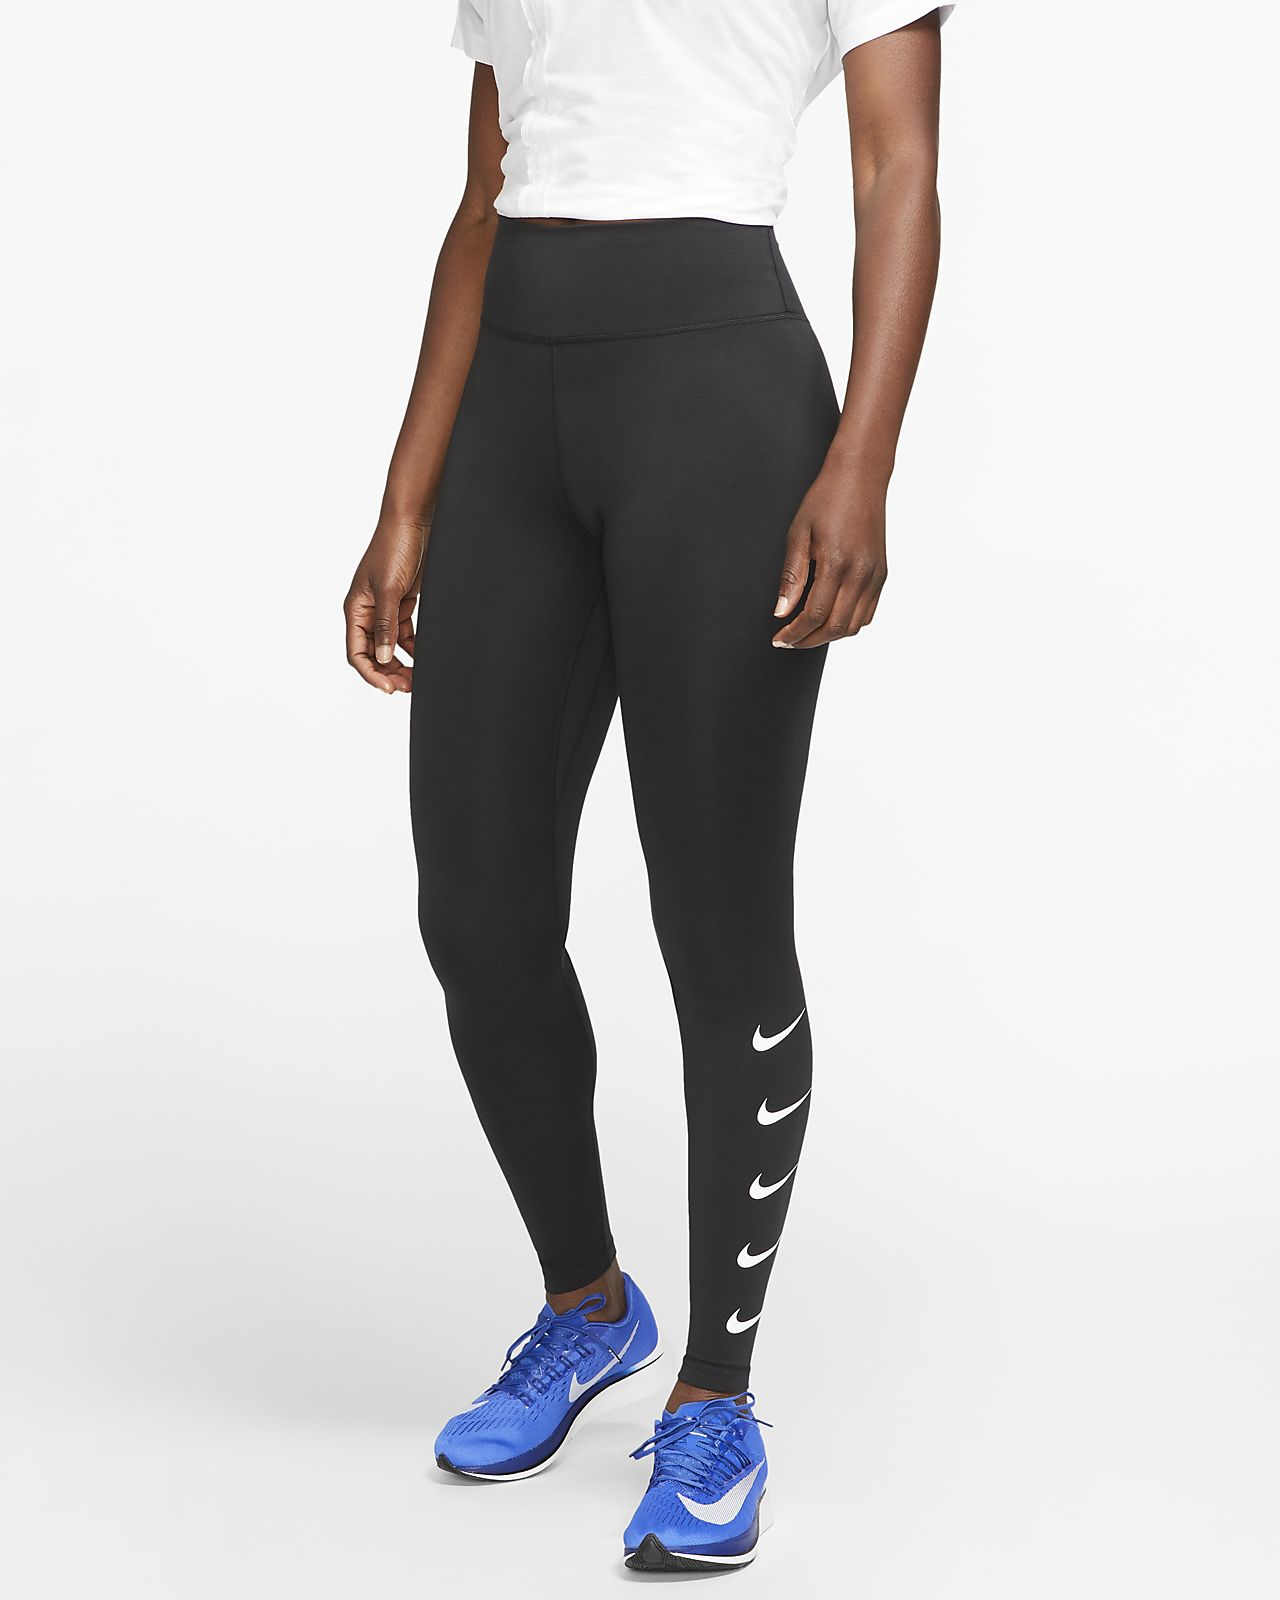 Nike Swoosh Lauf Tights für Damen